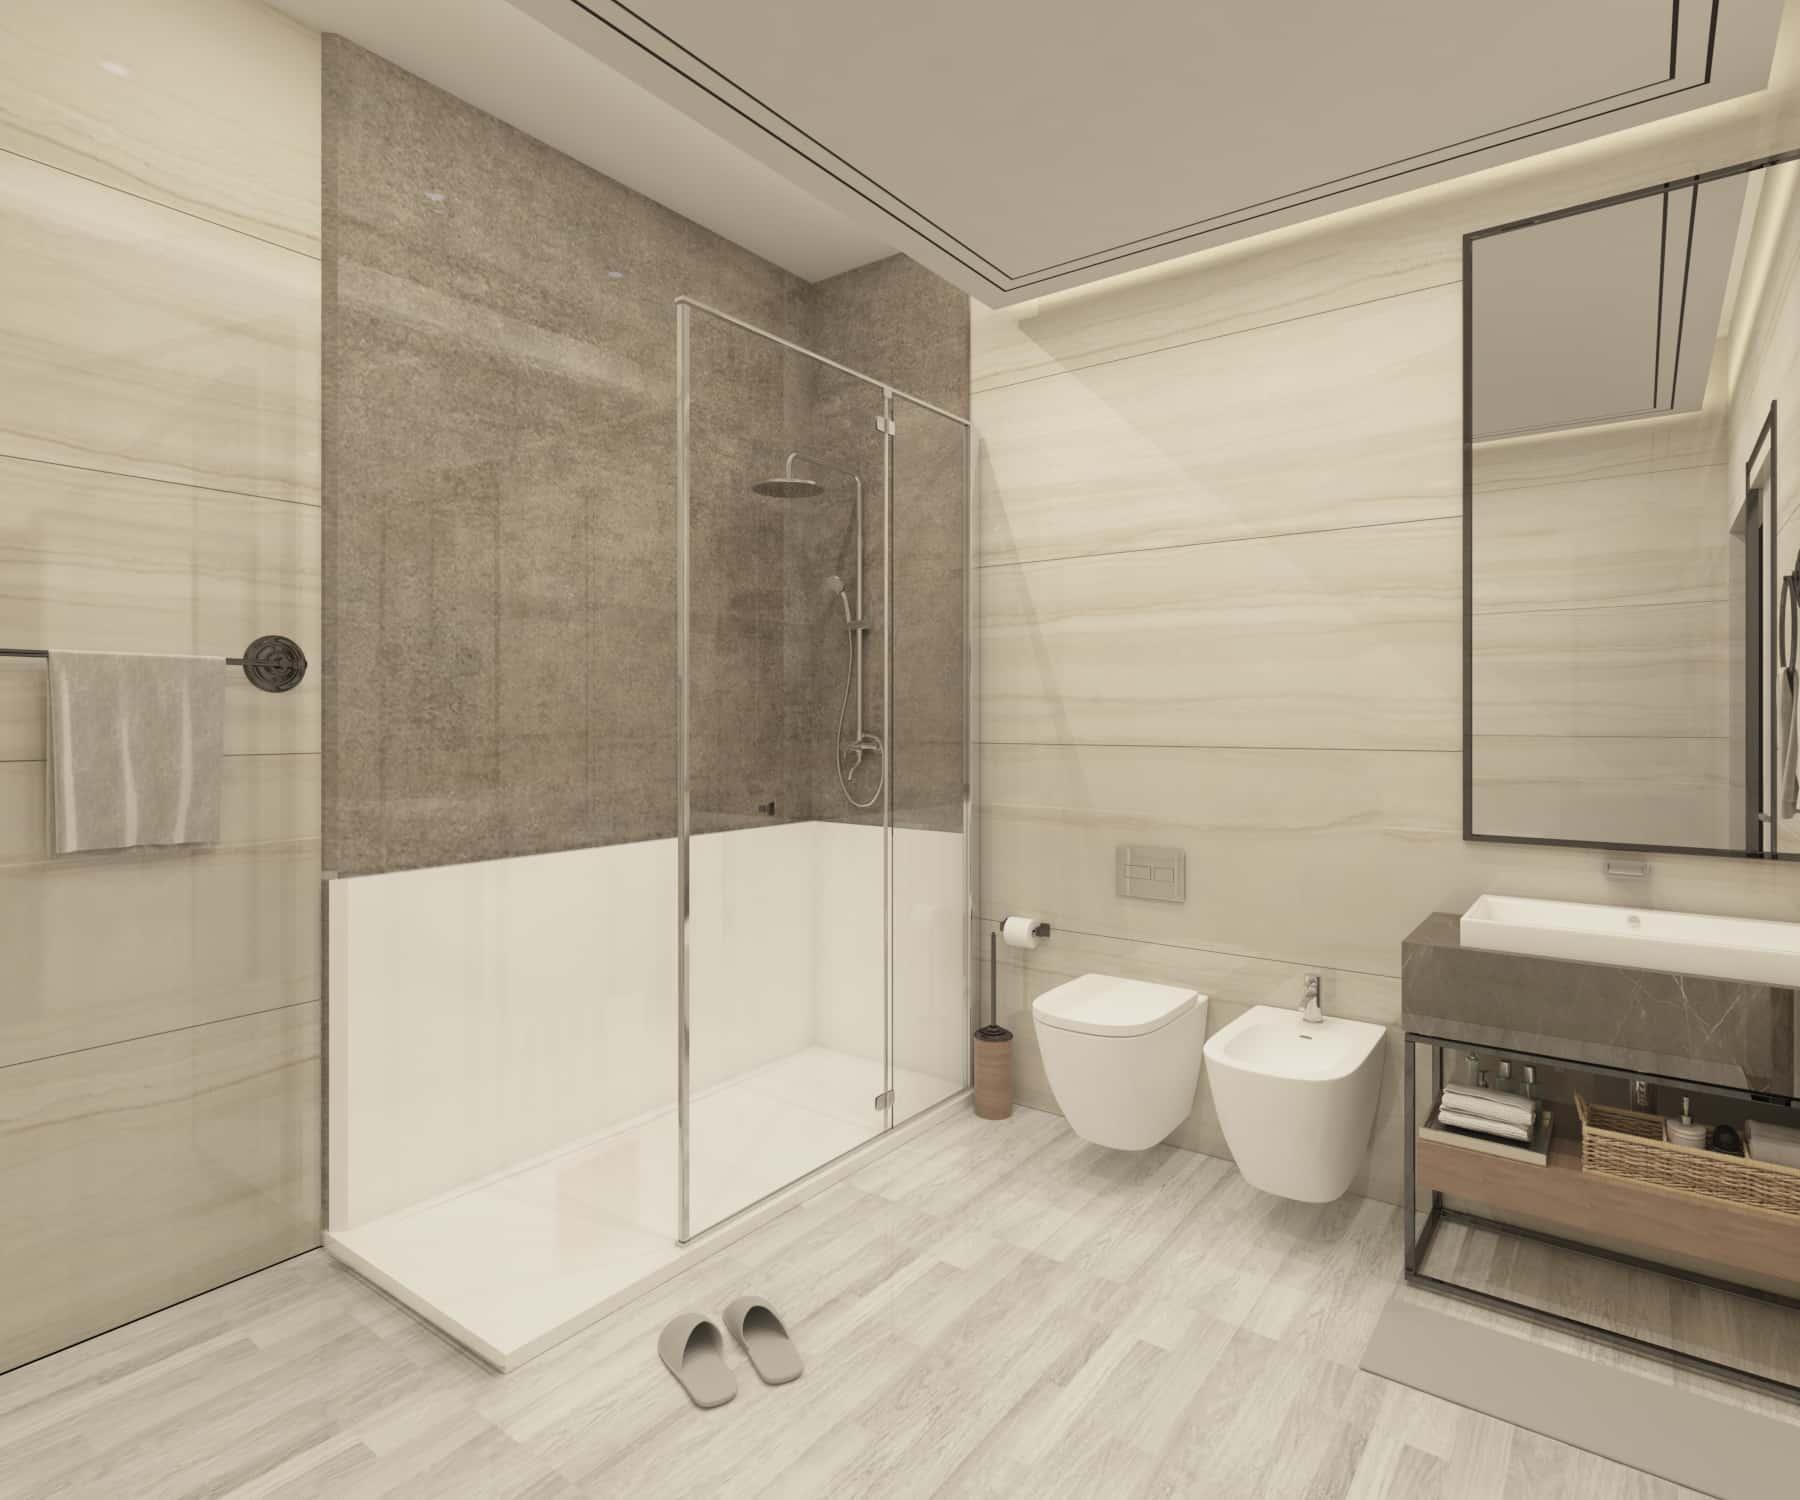 EcoShower rénover-salle-de-bain-douche-sur-mesure